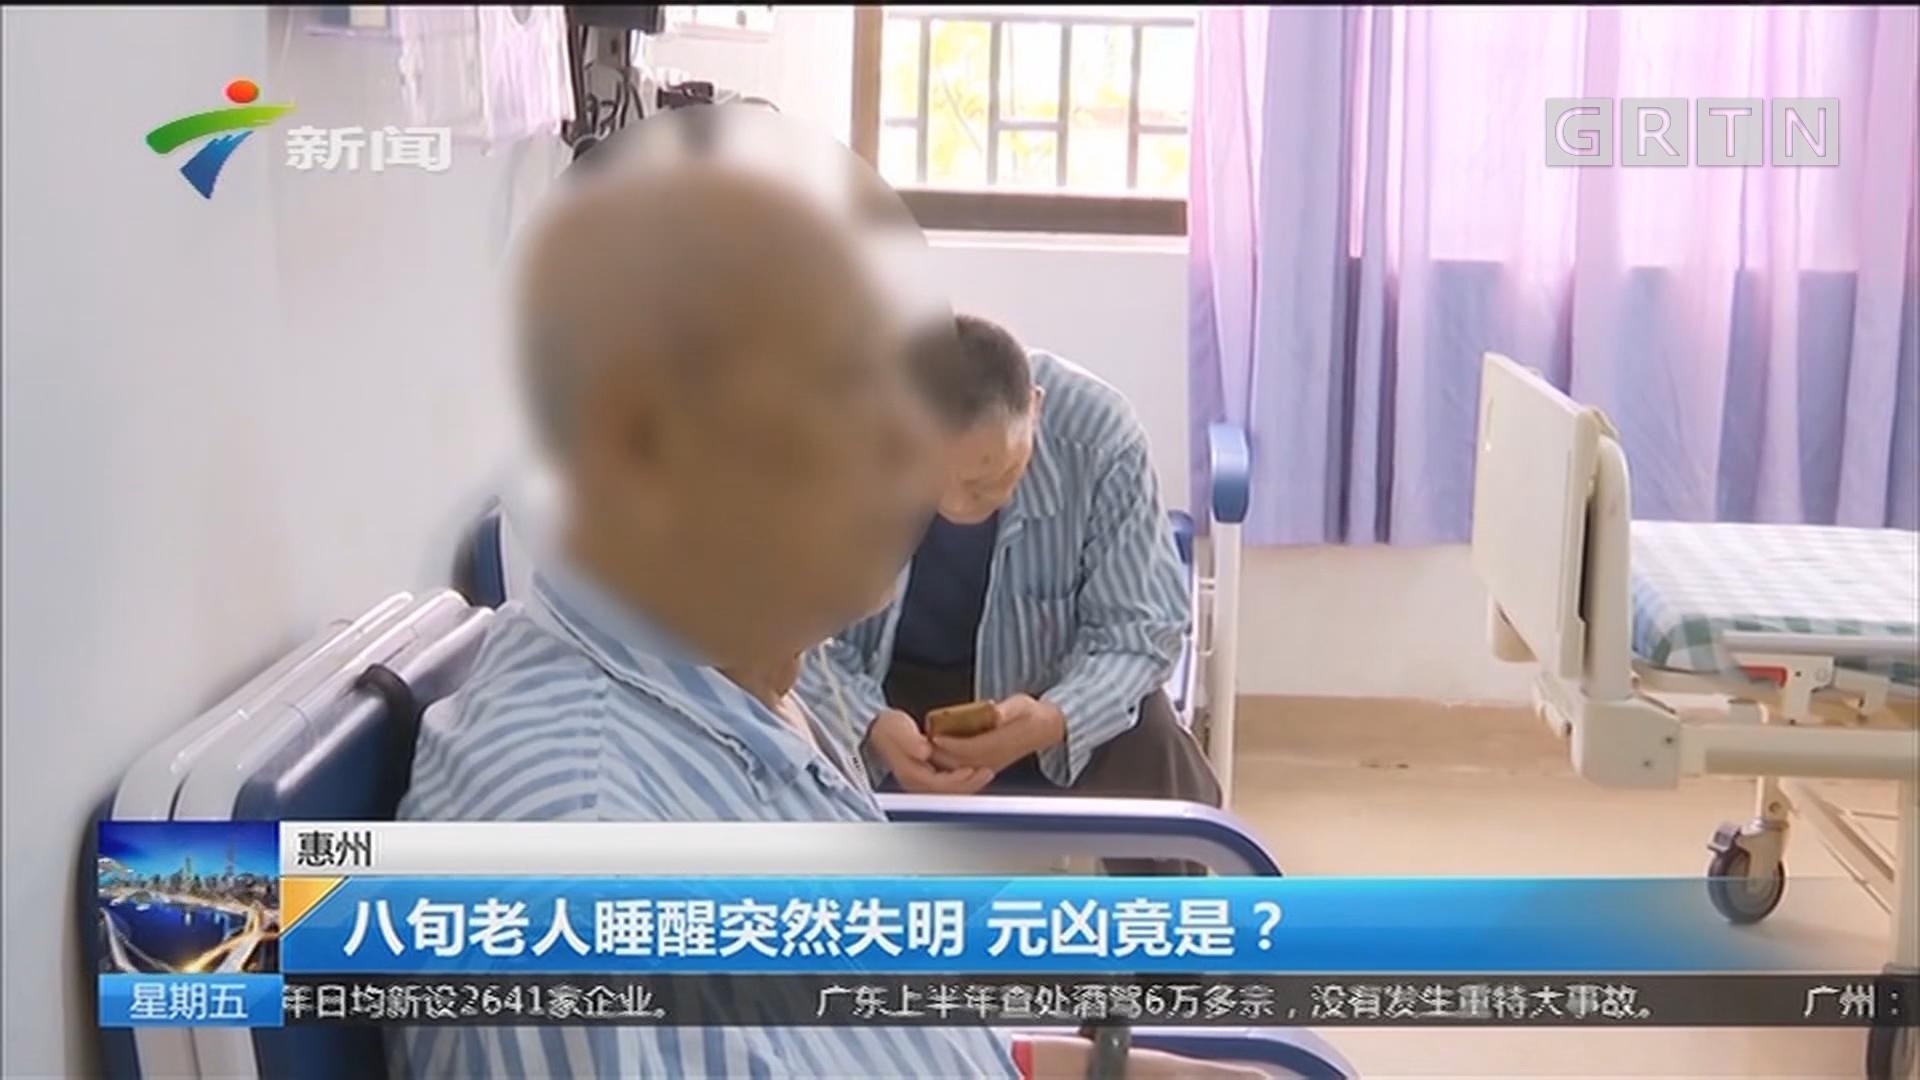 惠州:八旬老人睡醒突然失明 元凶竟是?